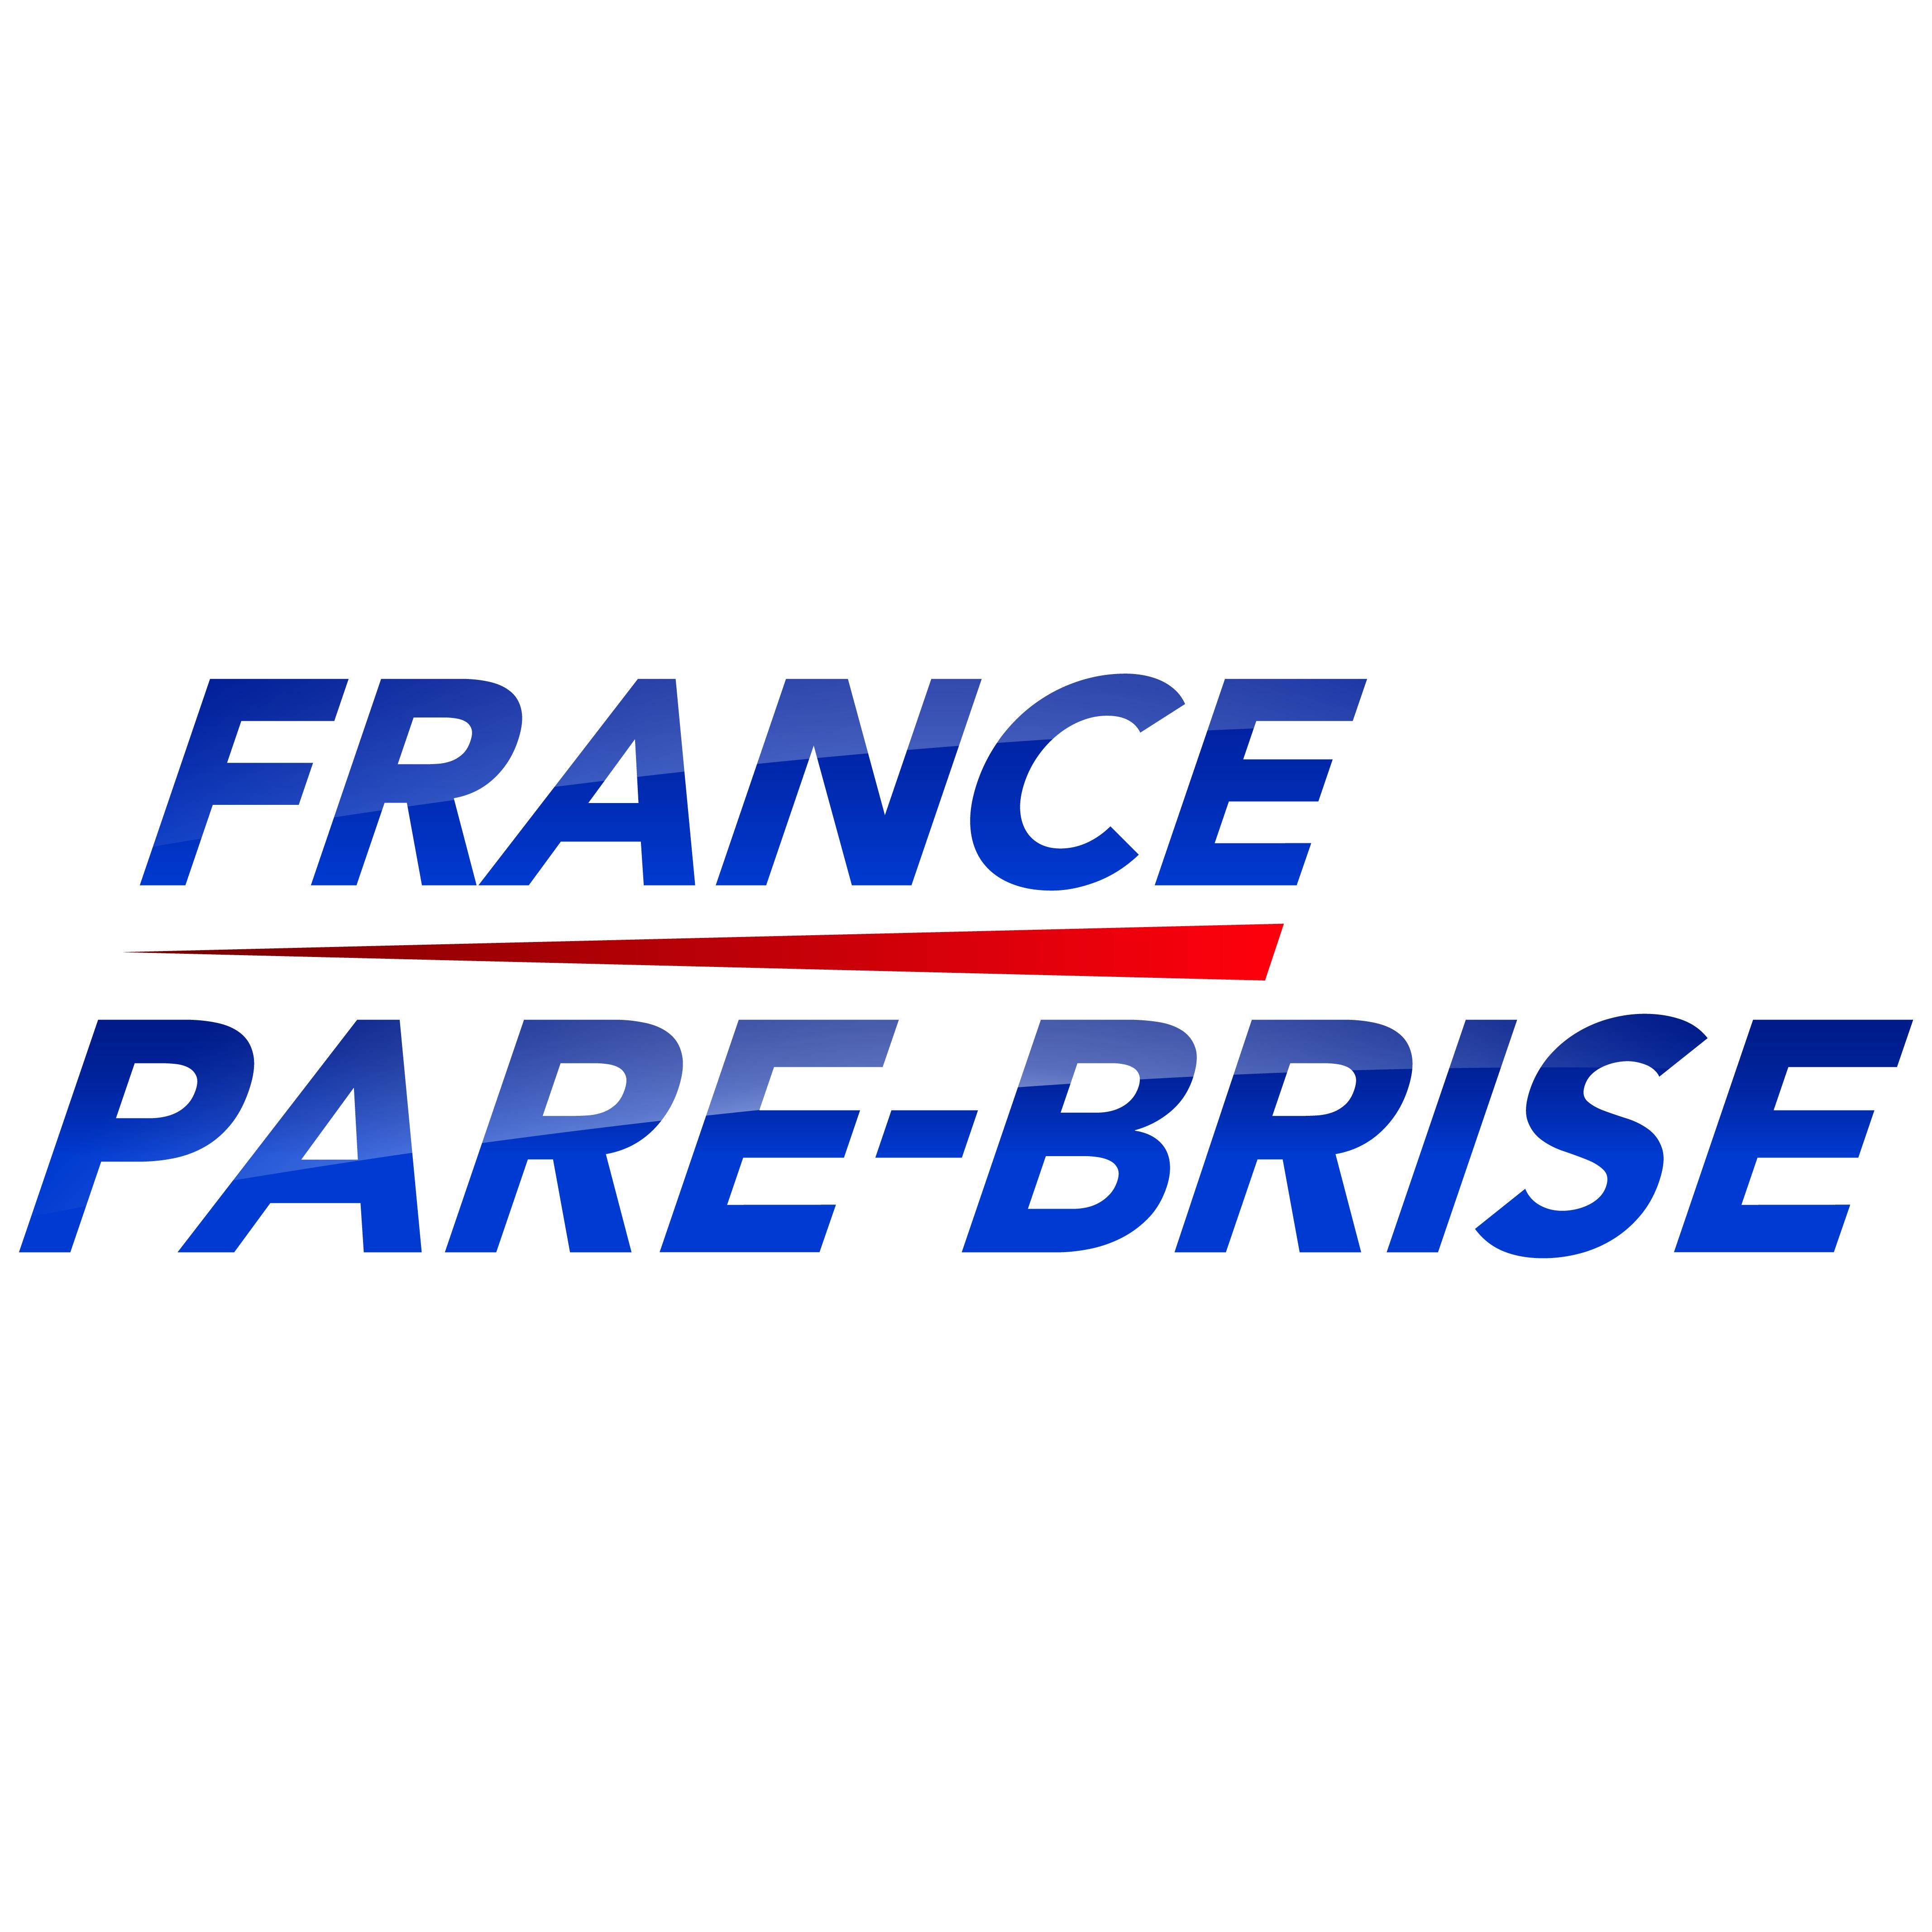 France Pare-Brise AMIENS vitrerie (pose), vitrier